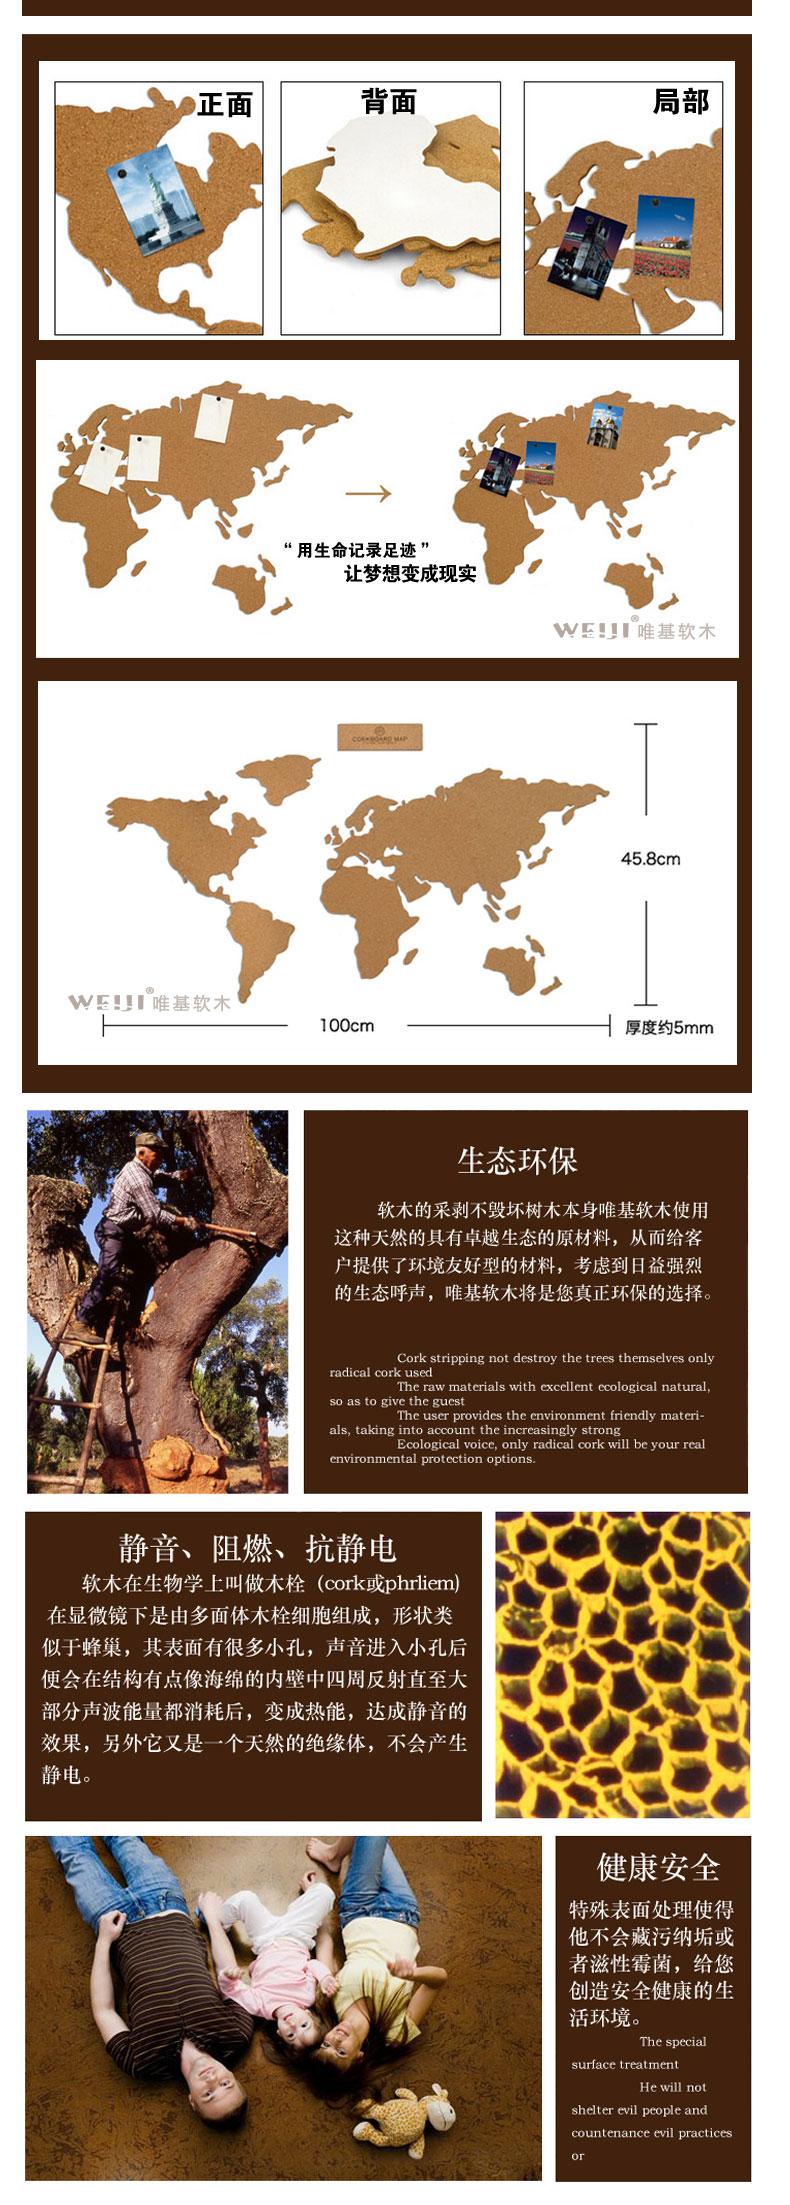 唯基软木地图板 创意照片墙留言板 天然木质世界地图图钉板 宣传告示